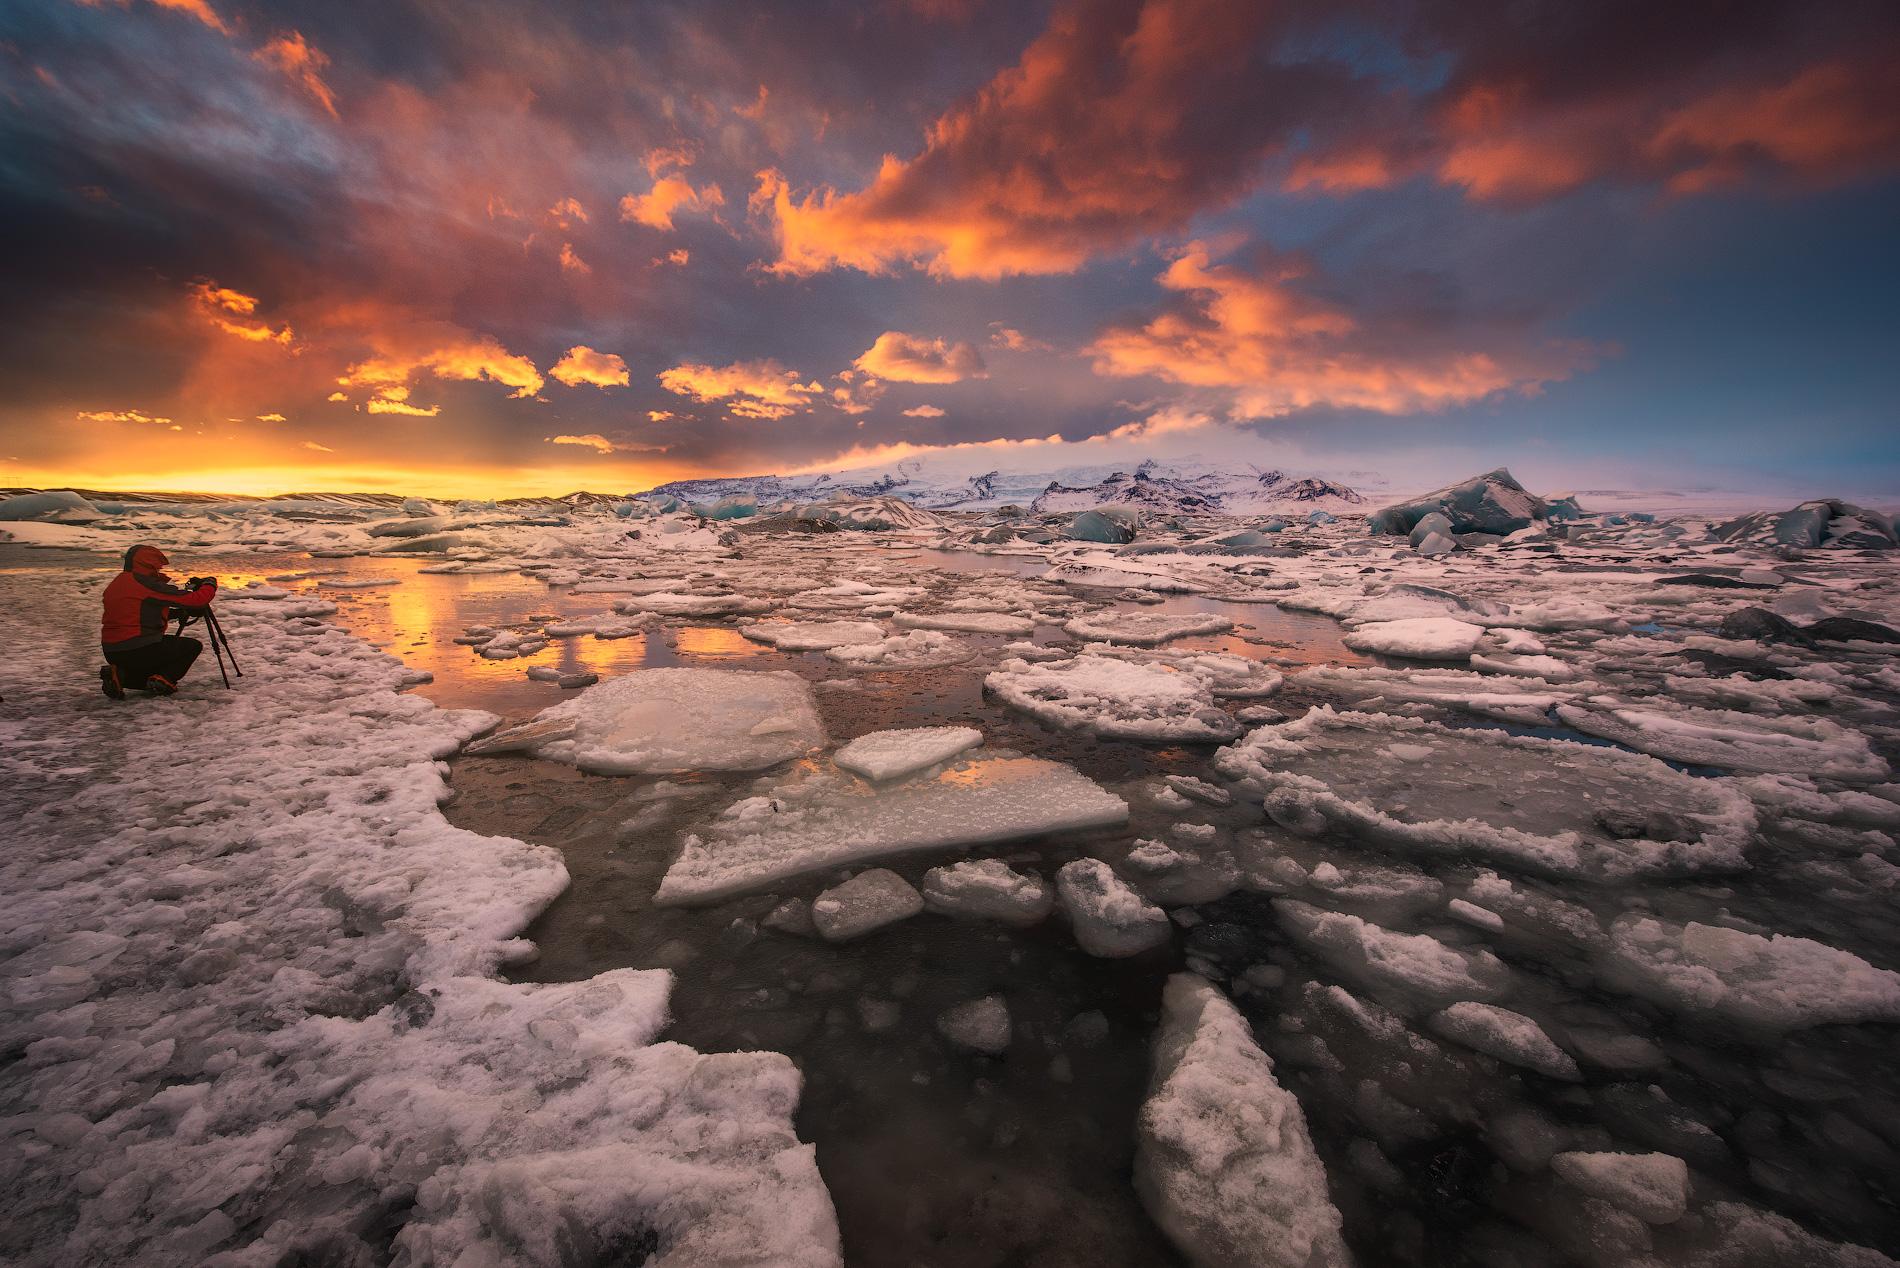 Il est possible de passer plusieurs jours à prendre des photos sur le lagon du glacier de Jökulsárlón et aucune prise de vue ne sera identique.